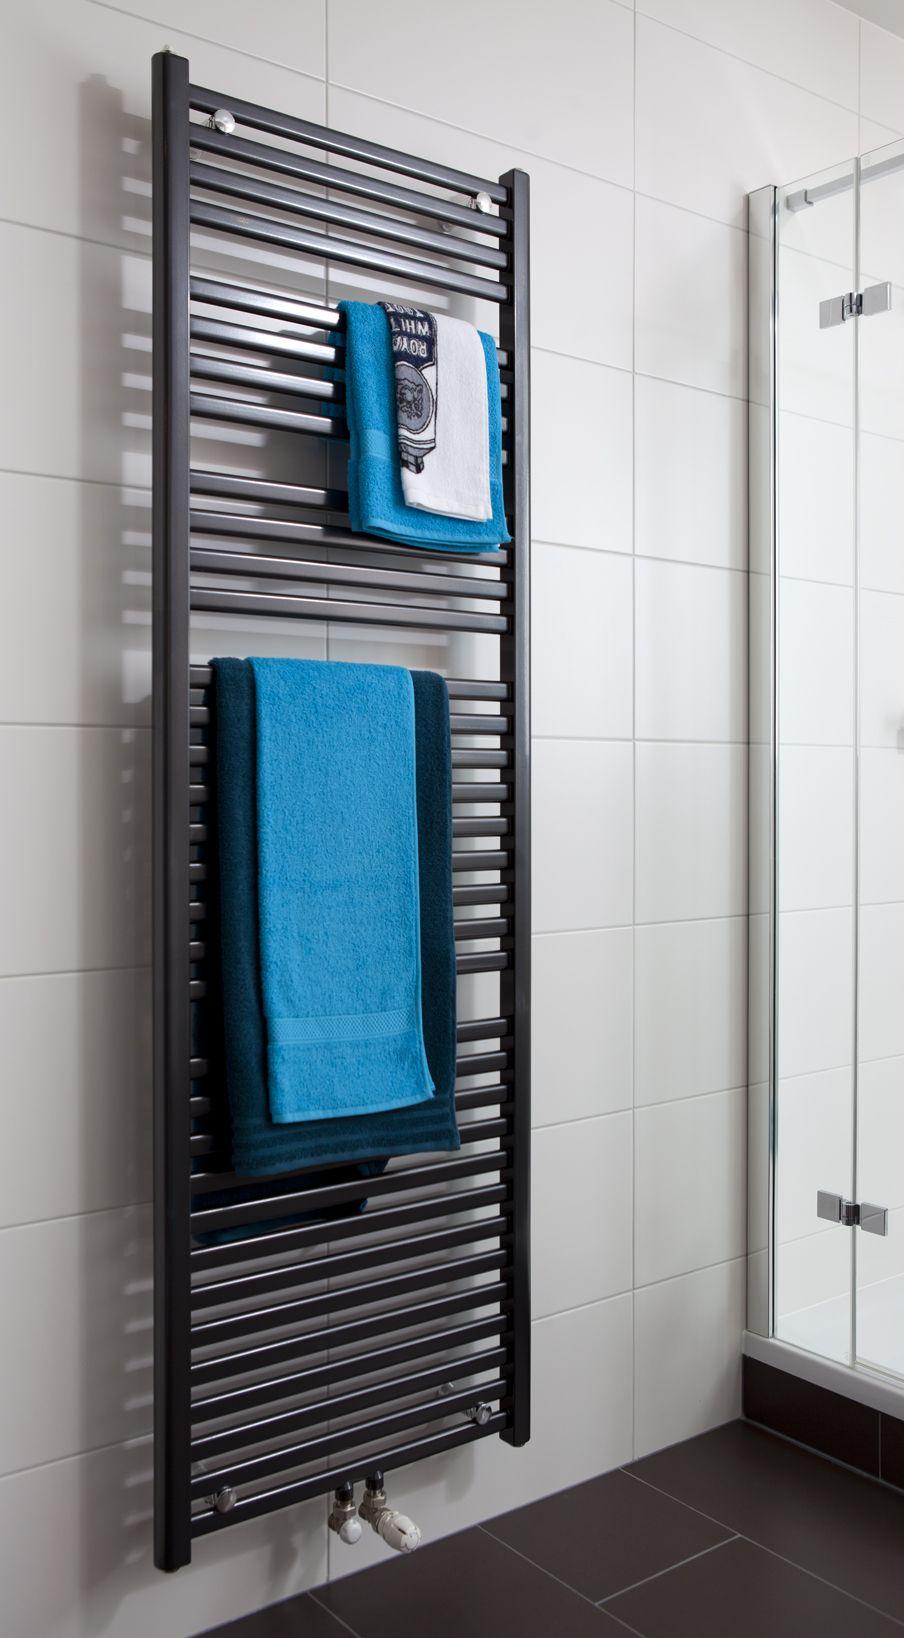 In de All-in badkamer hangt een stijvolle designradiator. Deze ...